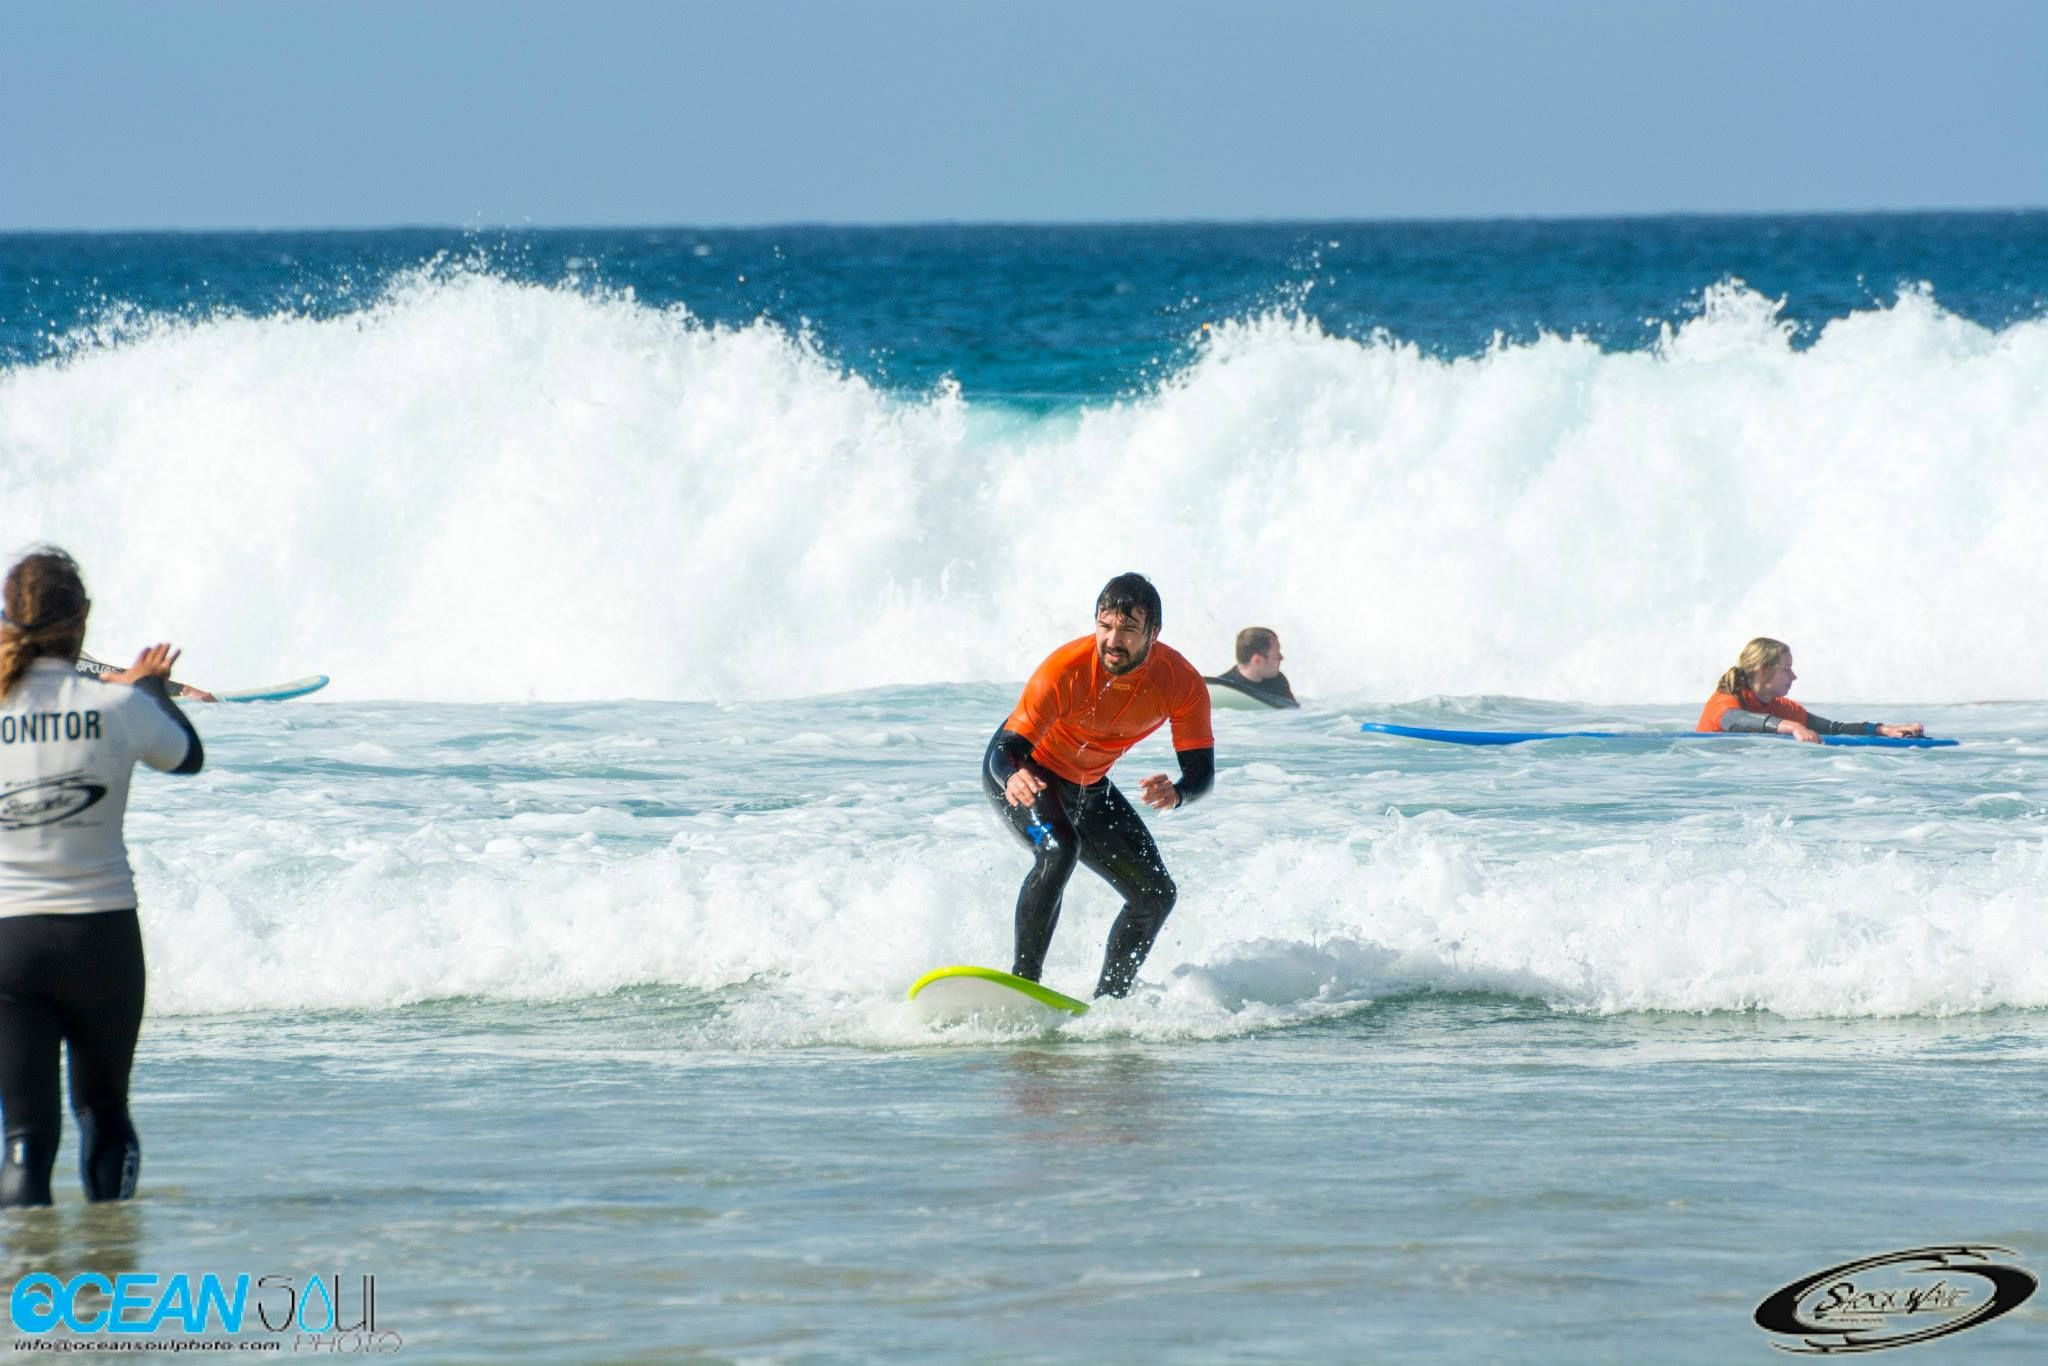 Surfboard rental in Fuerteventura